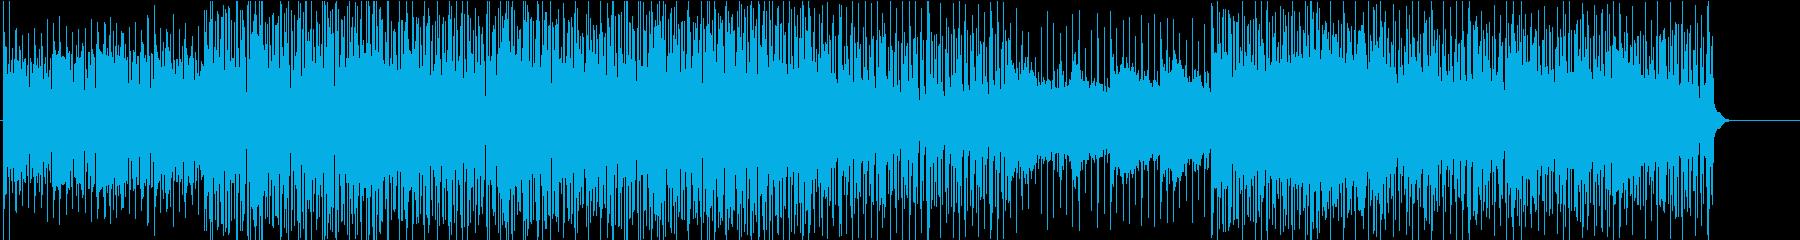 機械 工業 企業 政治経済 情報 報道の再生済みの波形